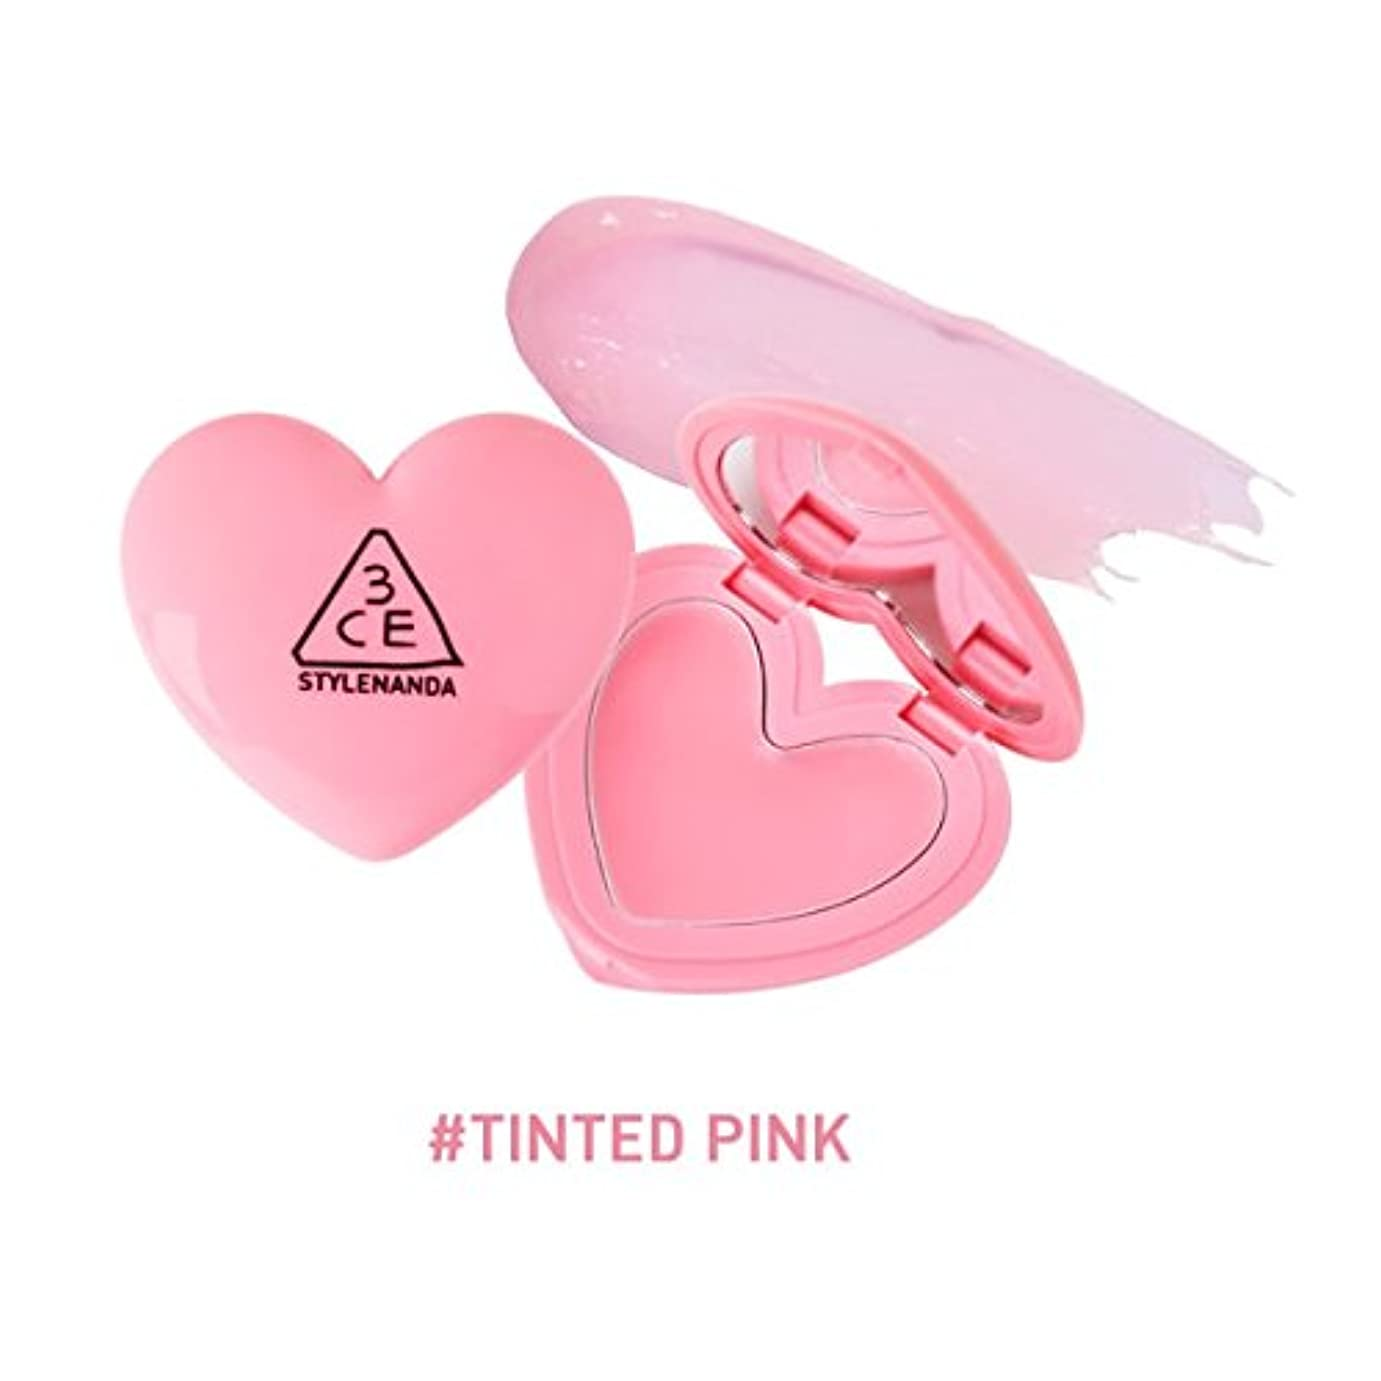 貧困ドループシャッフル3CE ハート ポットリップ / HEART POT LIP (1.4g) (TINTED PINK) [並行輸入品]